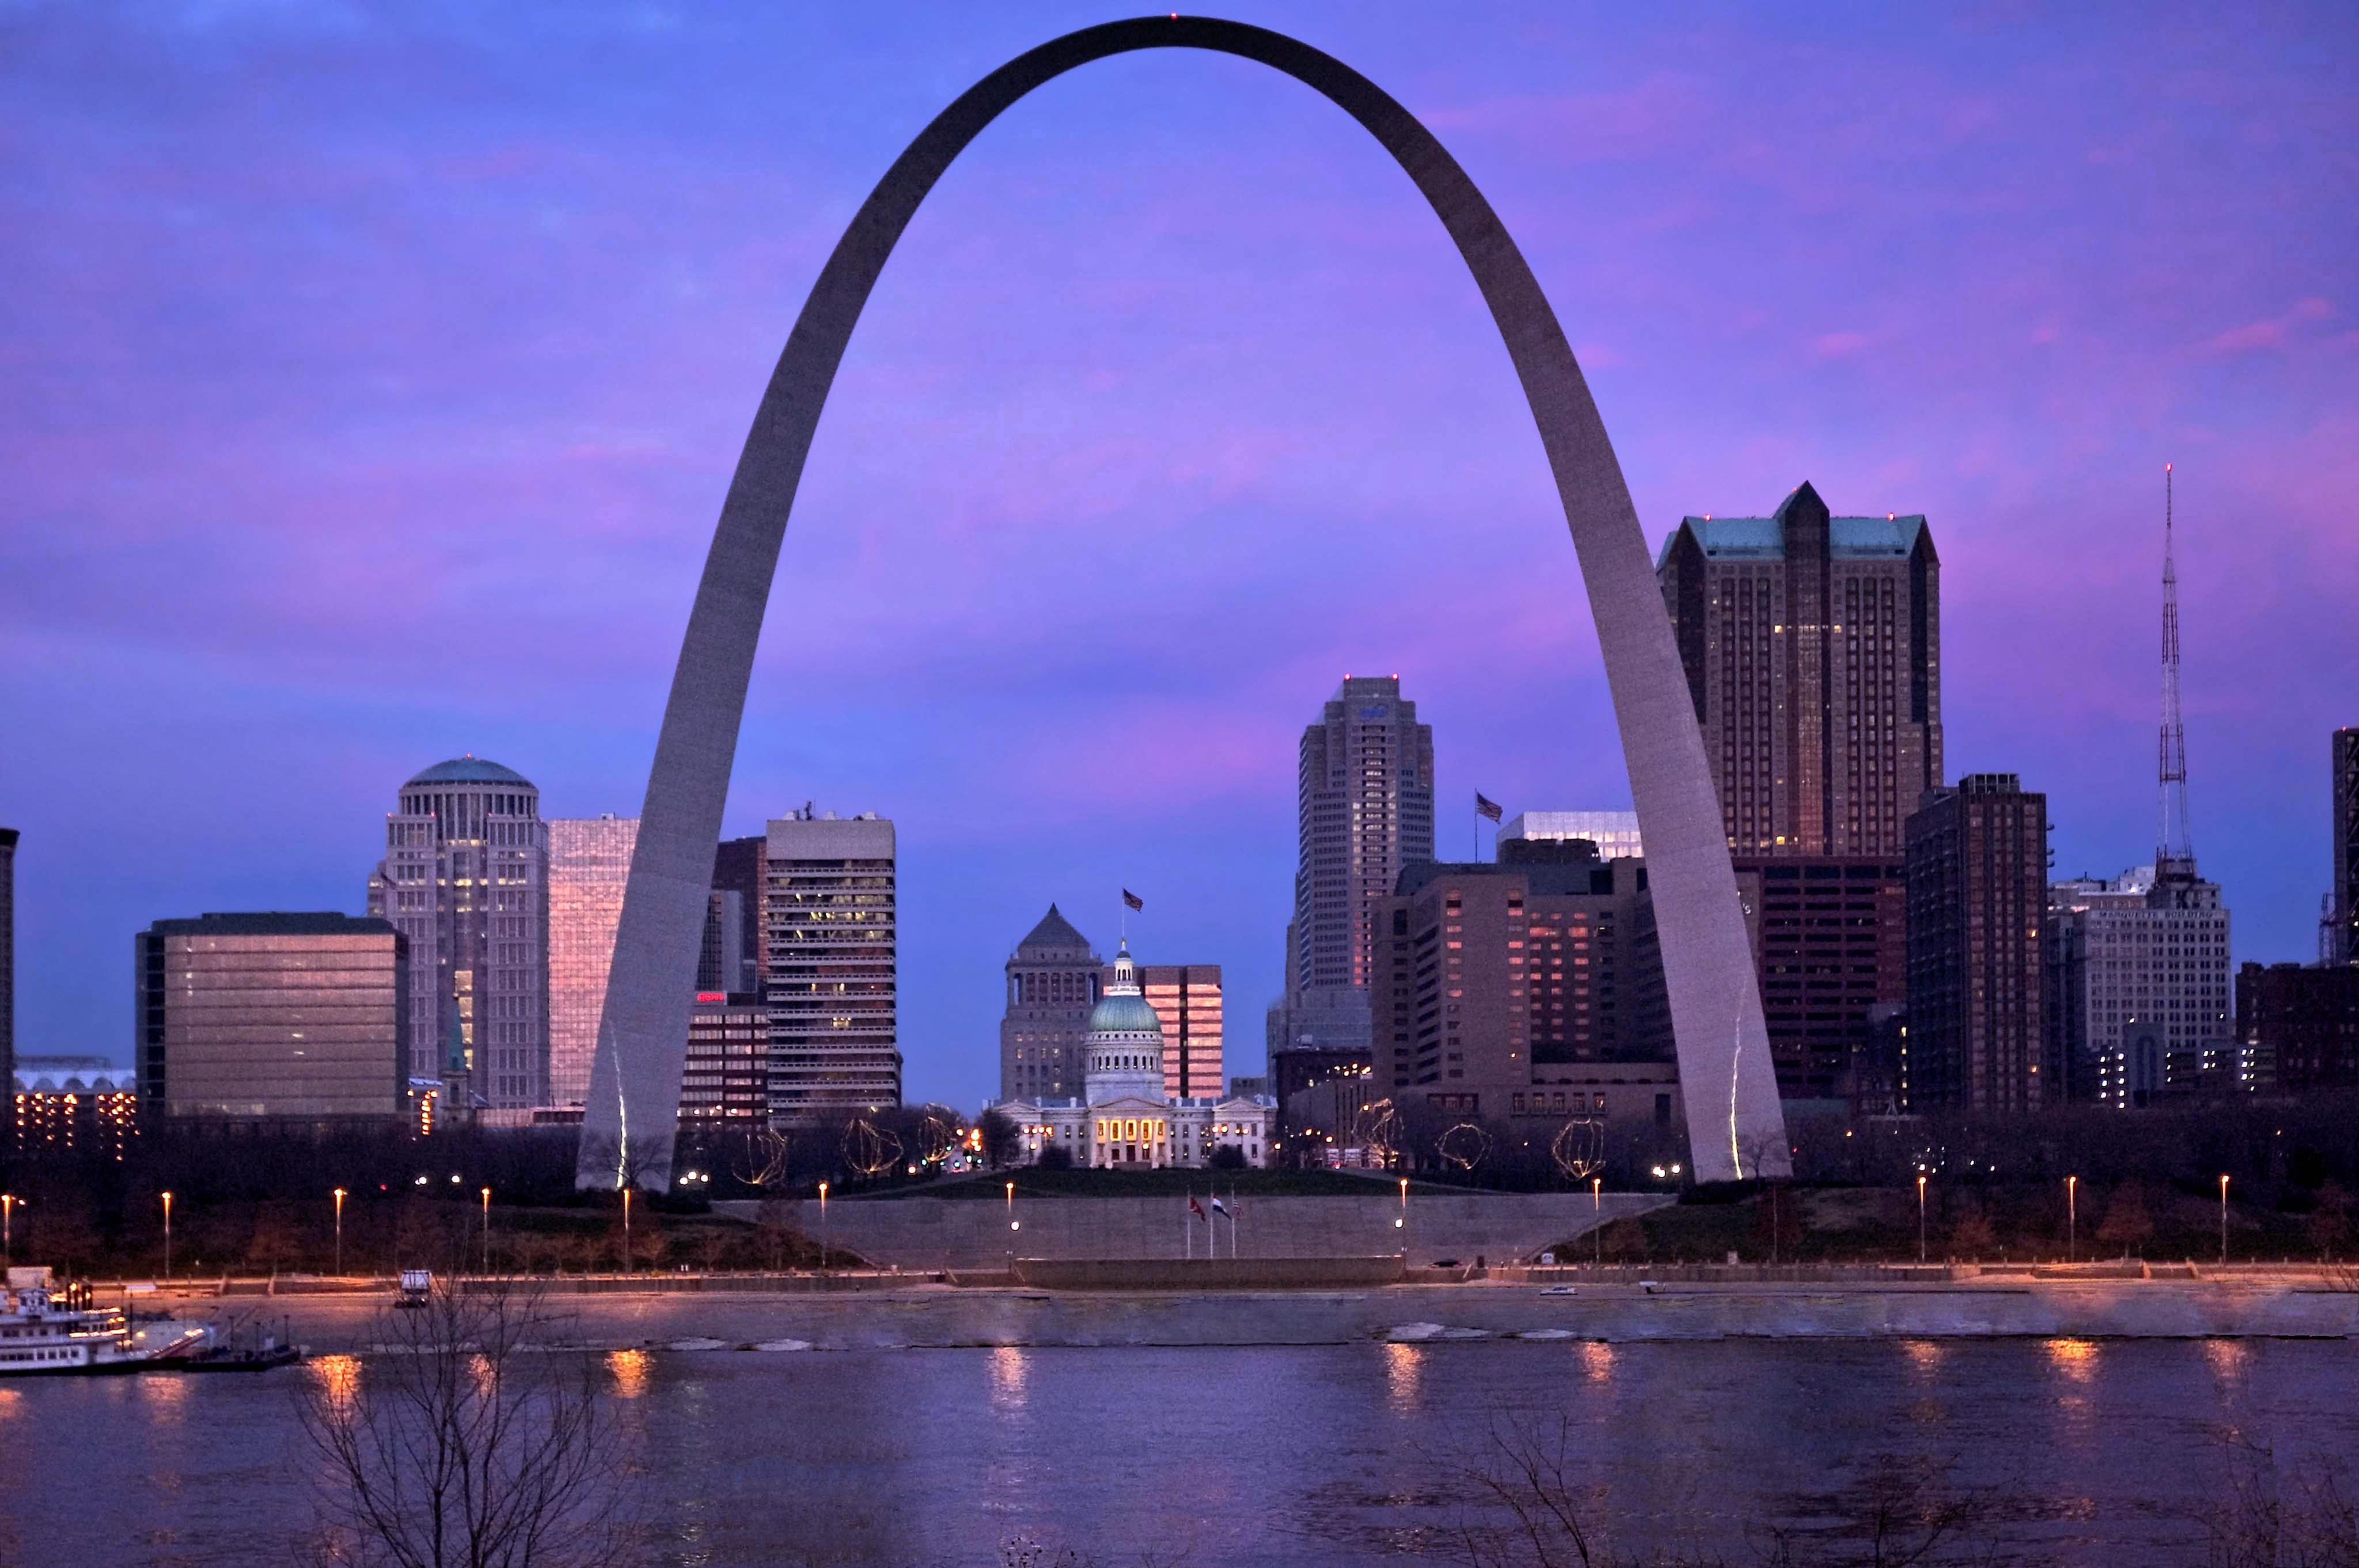 [Image: Gateway_Arch_%26_St._Louis_MO_Riverfront_at_Dawn.jpg]